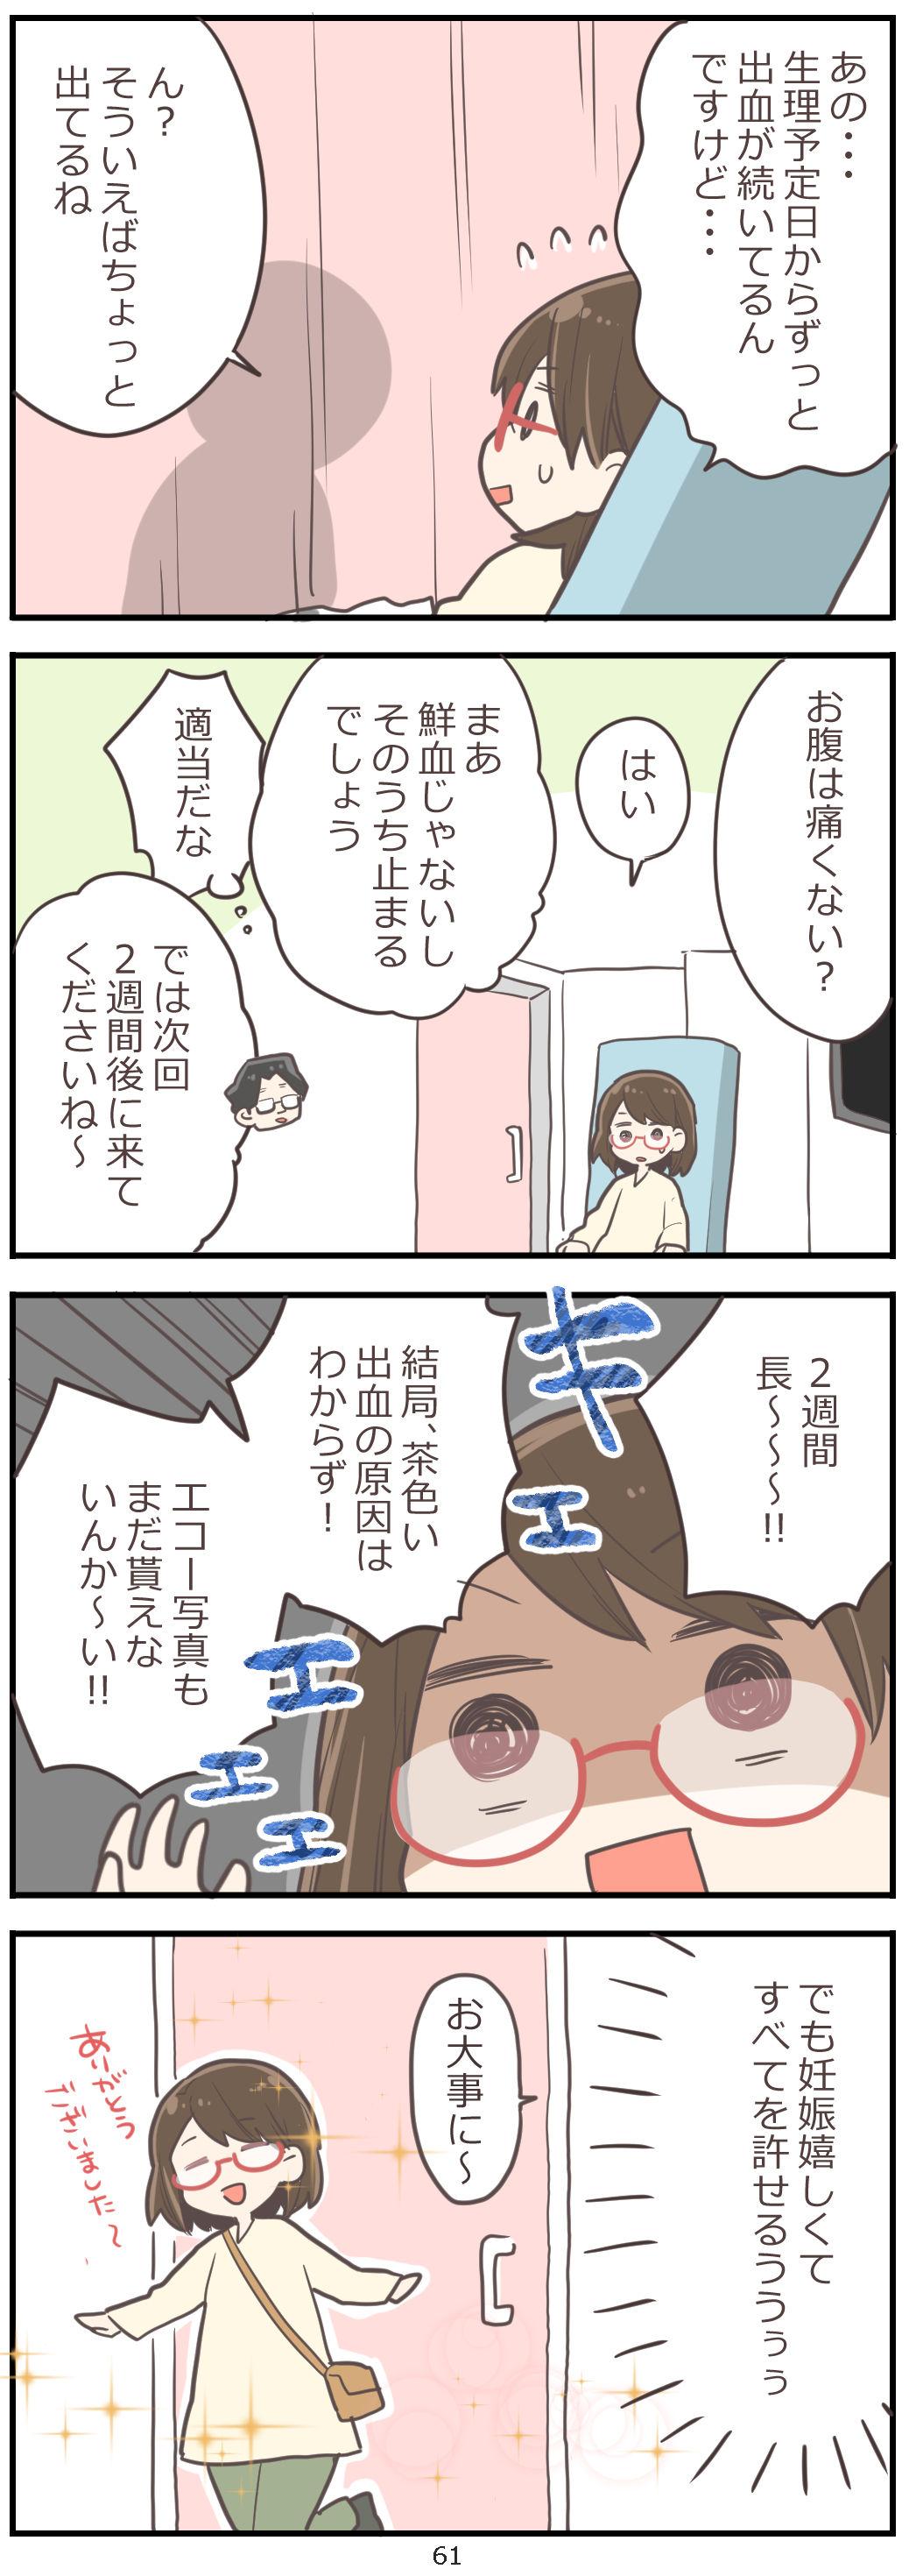 「妊活レベル1 まっふの冒険記」第61話